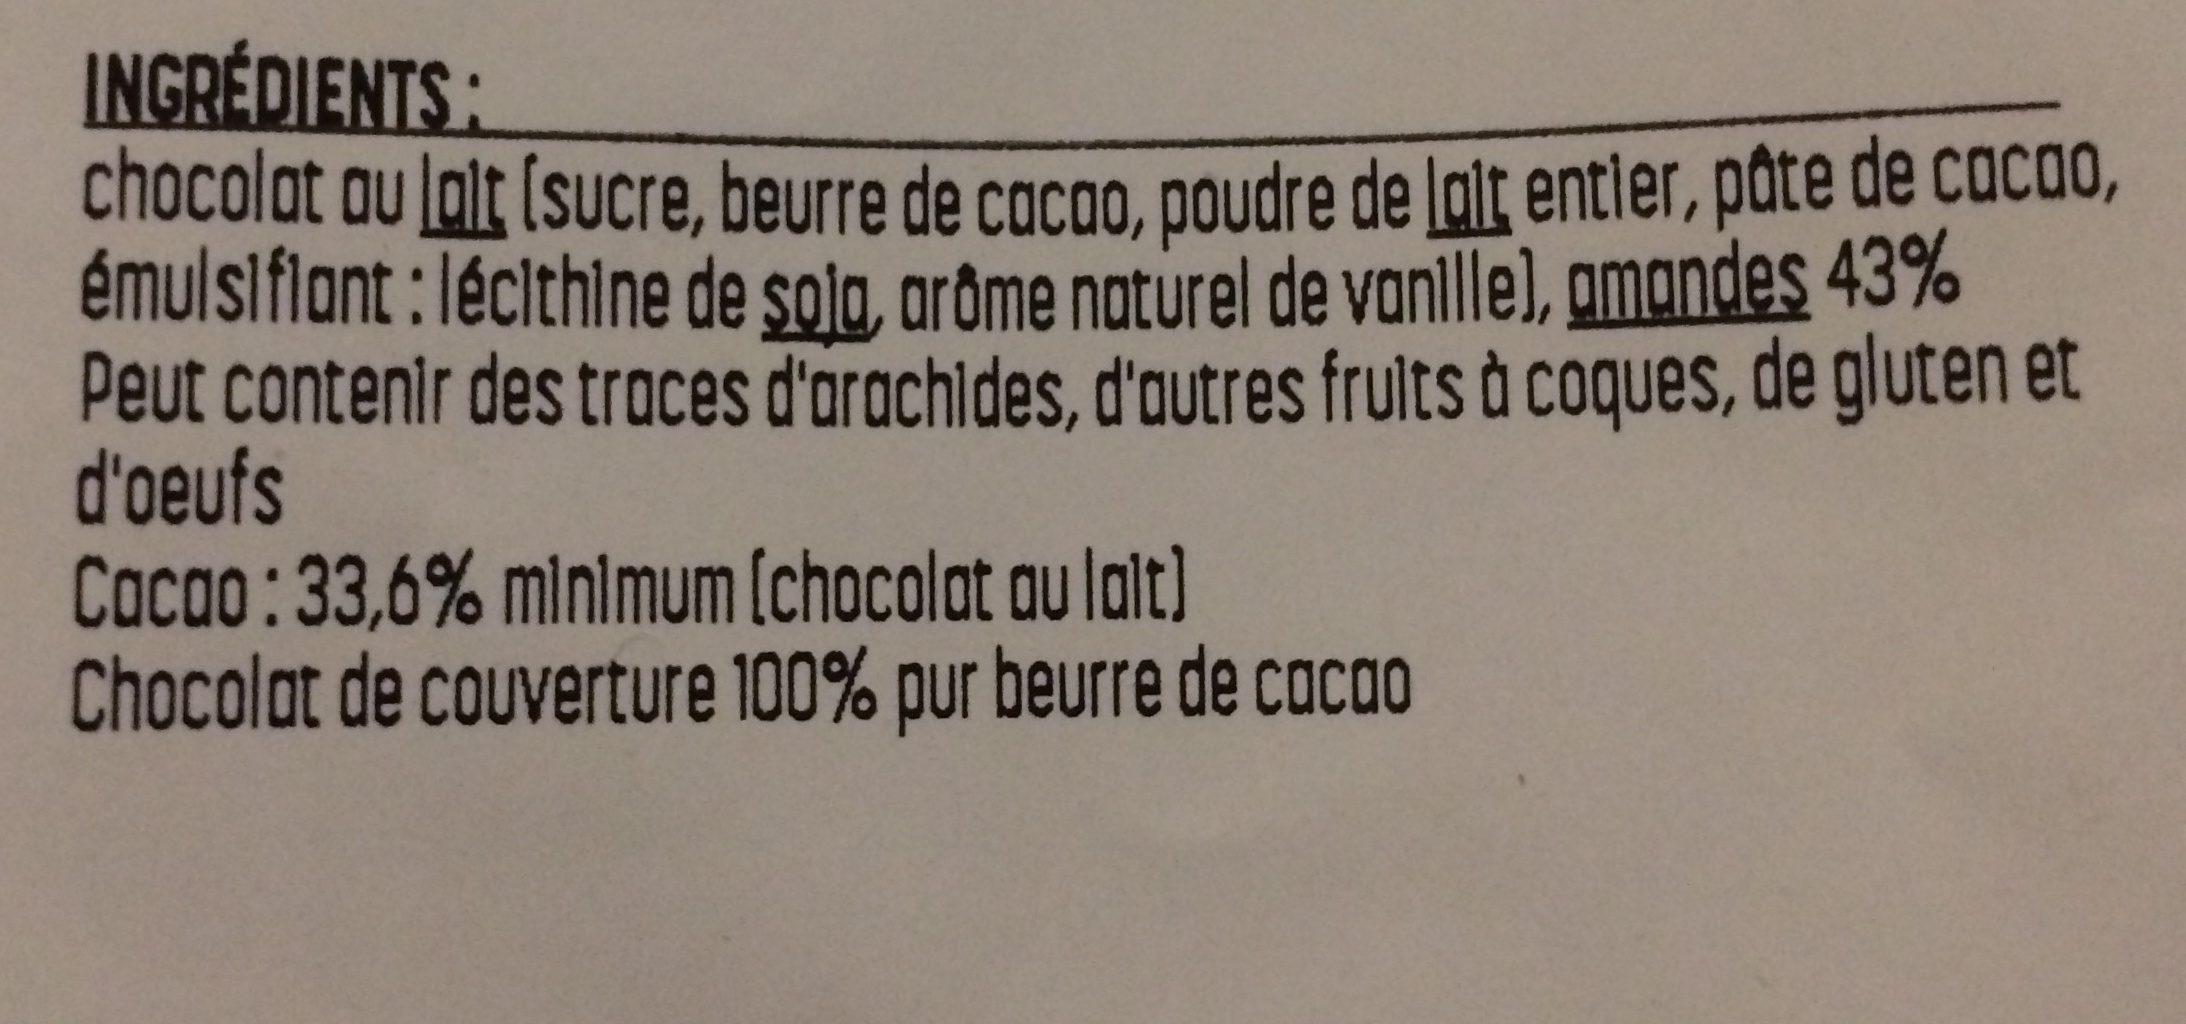 Rocs au amandes - Ingrédients